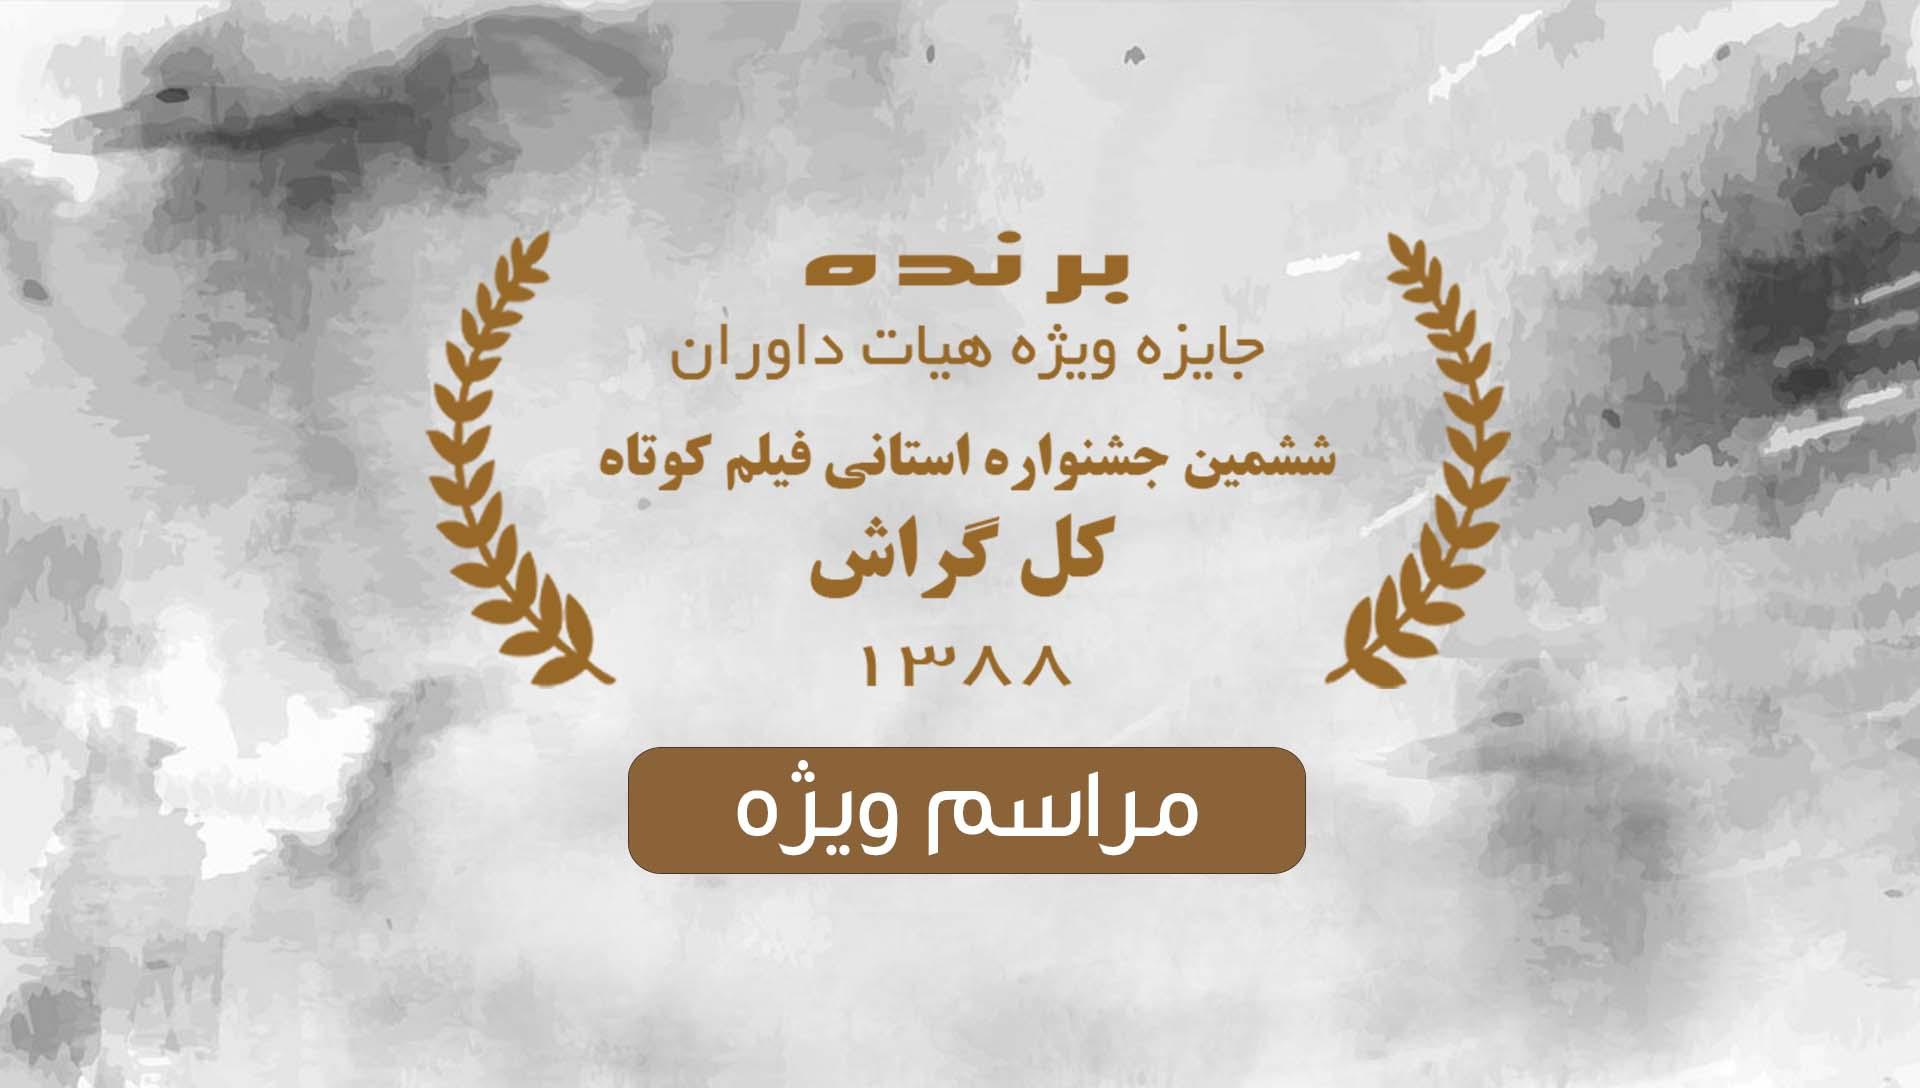 کل گراش 88 - شرکت فیلم سازی زوم شیراز برادران شریفی